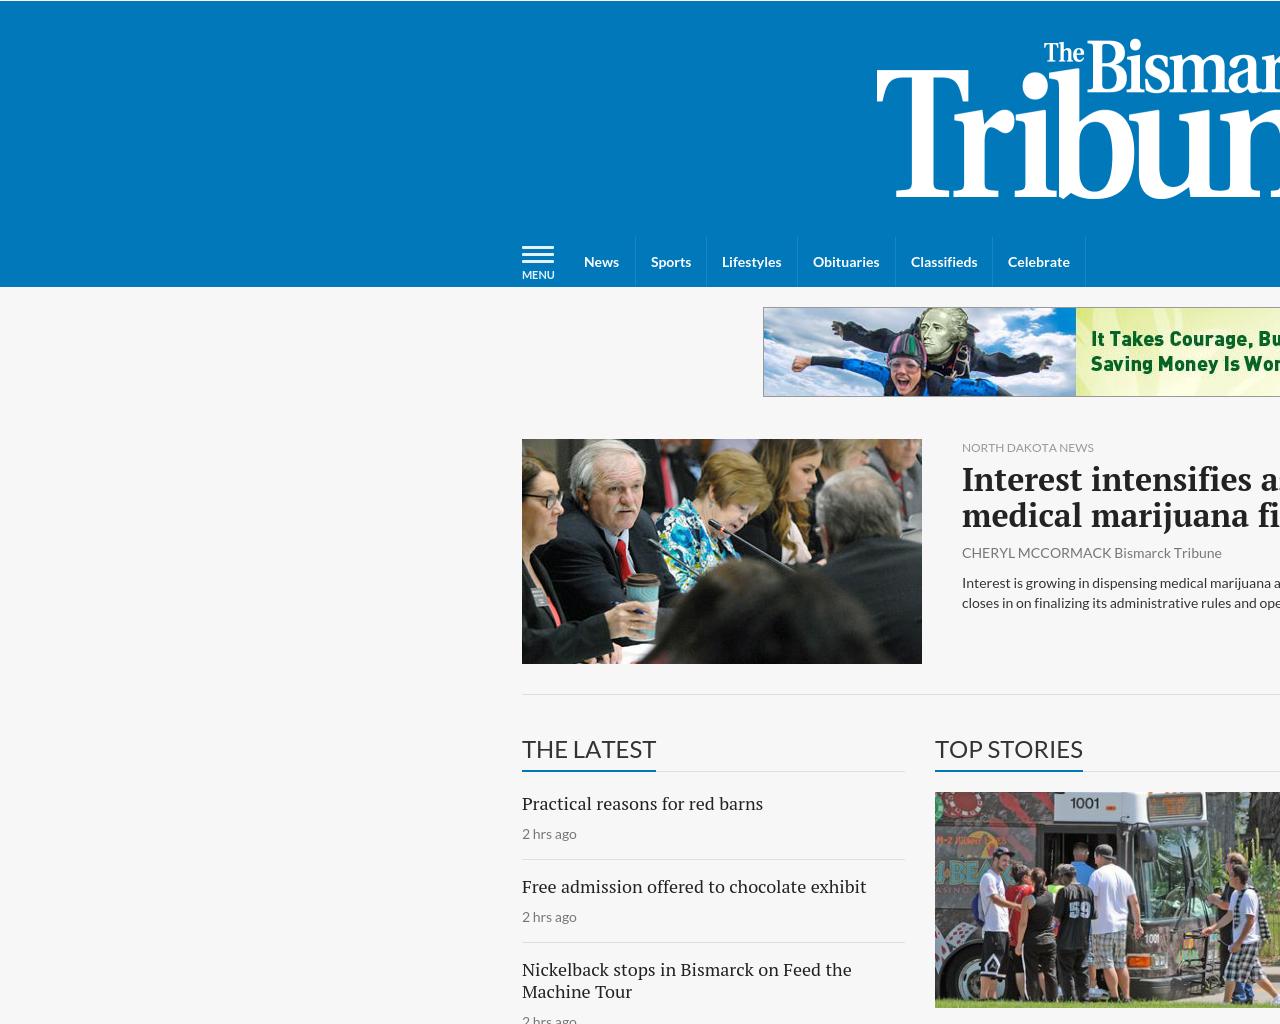 The-Bismarck-Tribune-Advertising-Reviews-Pricing